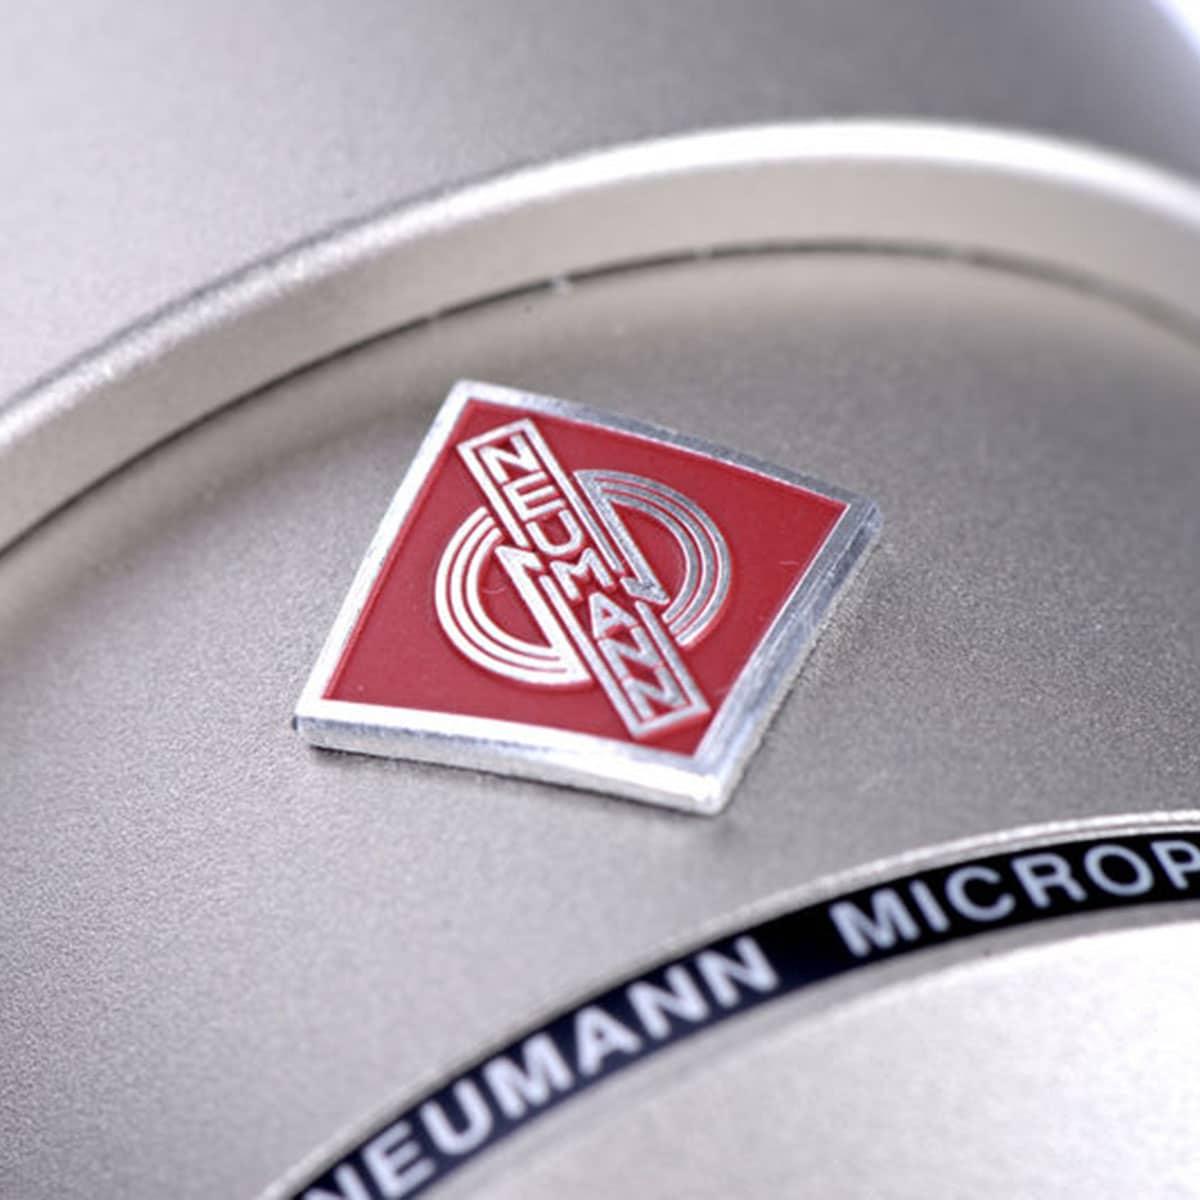 Neumann TLM 103 Studio Set EA4 03 Microfoni a Condensatore, Microfoni professionali, Strumentazioni Pro Audio per studi di registrazione